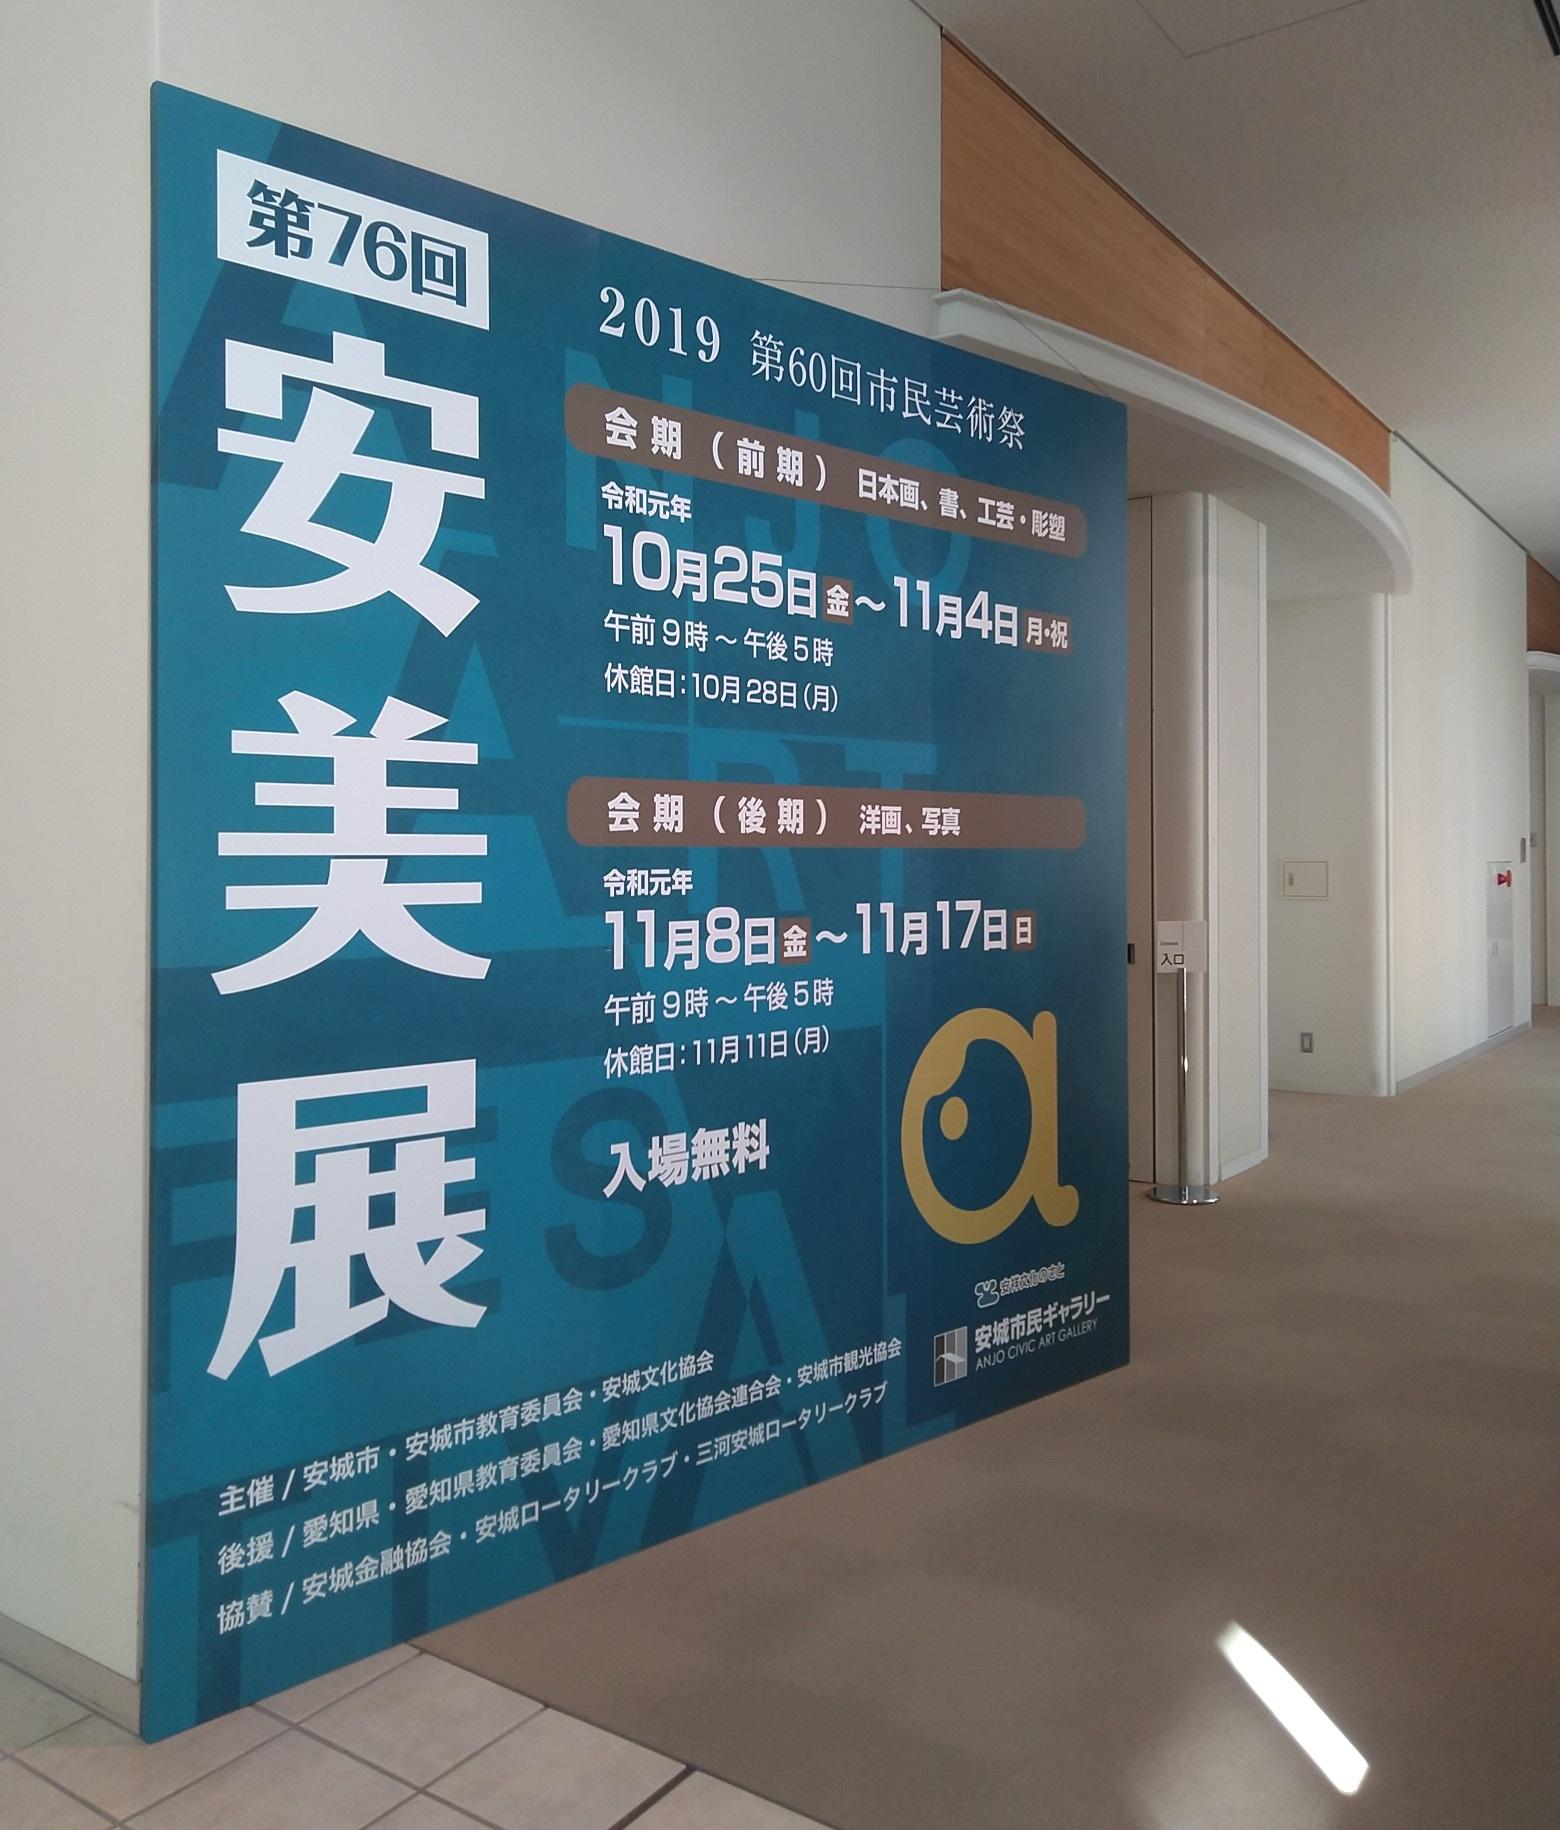 2019.11.8 安美展 (6) かんばん 1560-1830